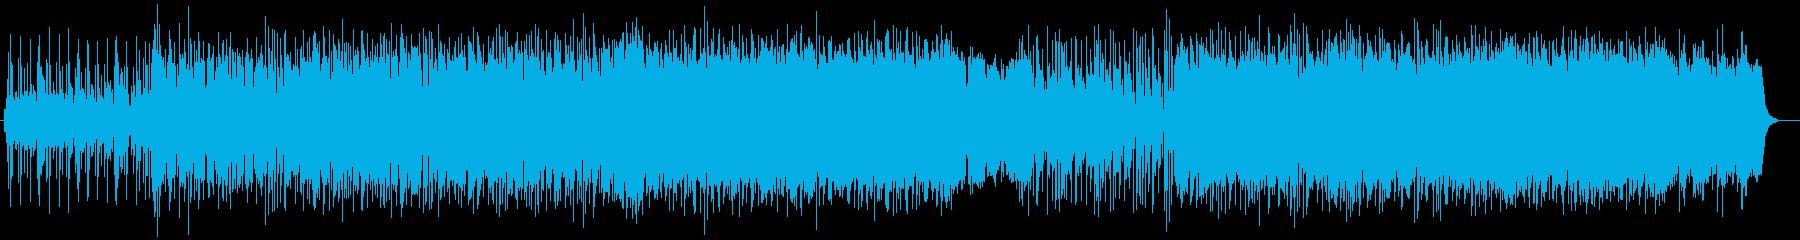 弾ける爽快さのあるミュージックの再生済みの波形